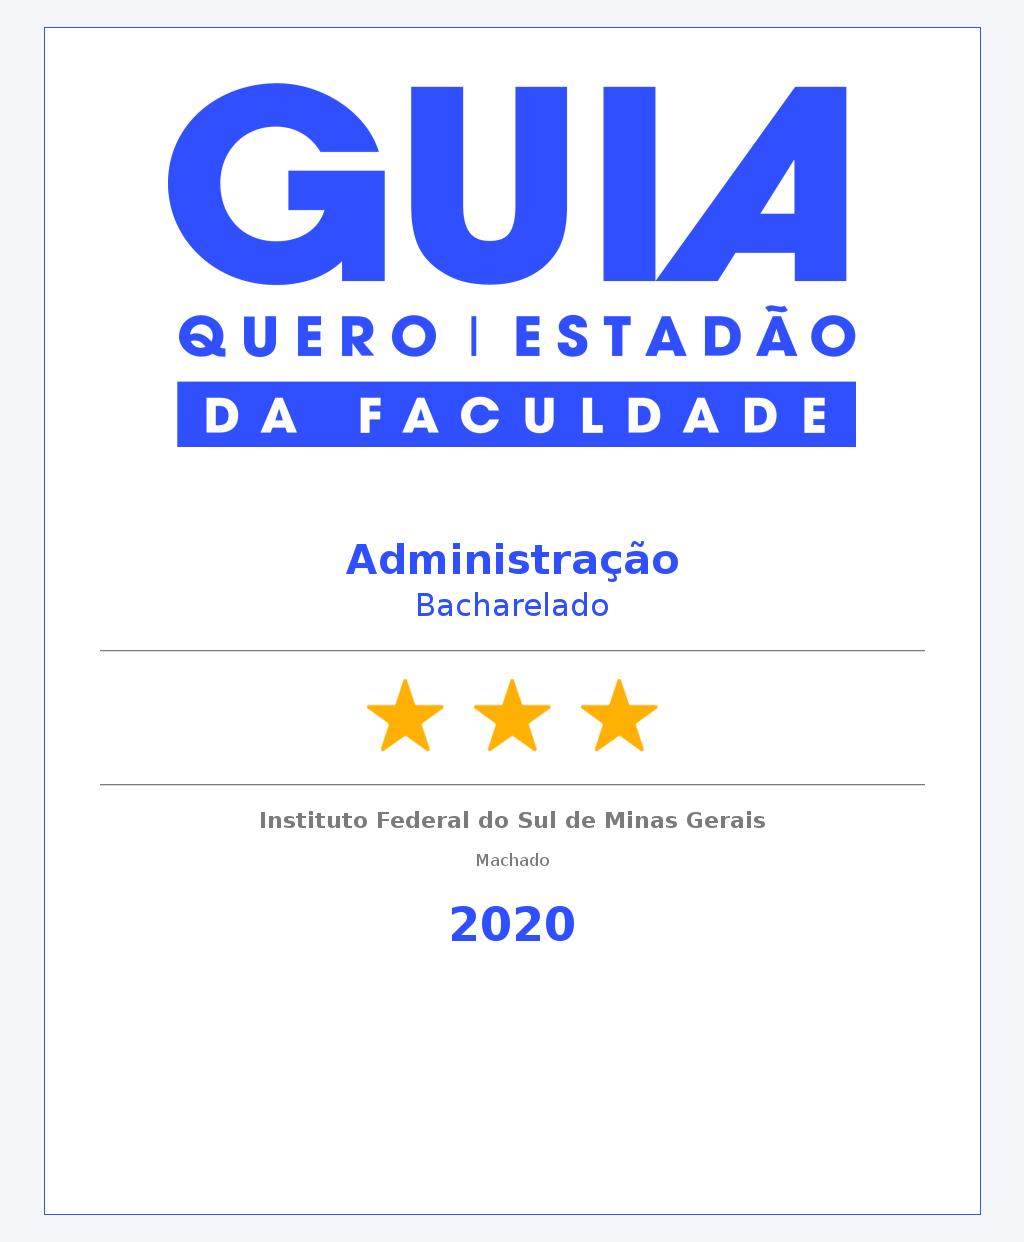 Administração Bacharelado Machado 3 Estrelas